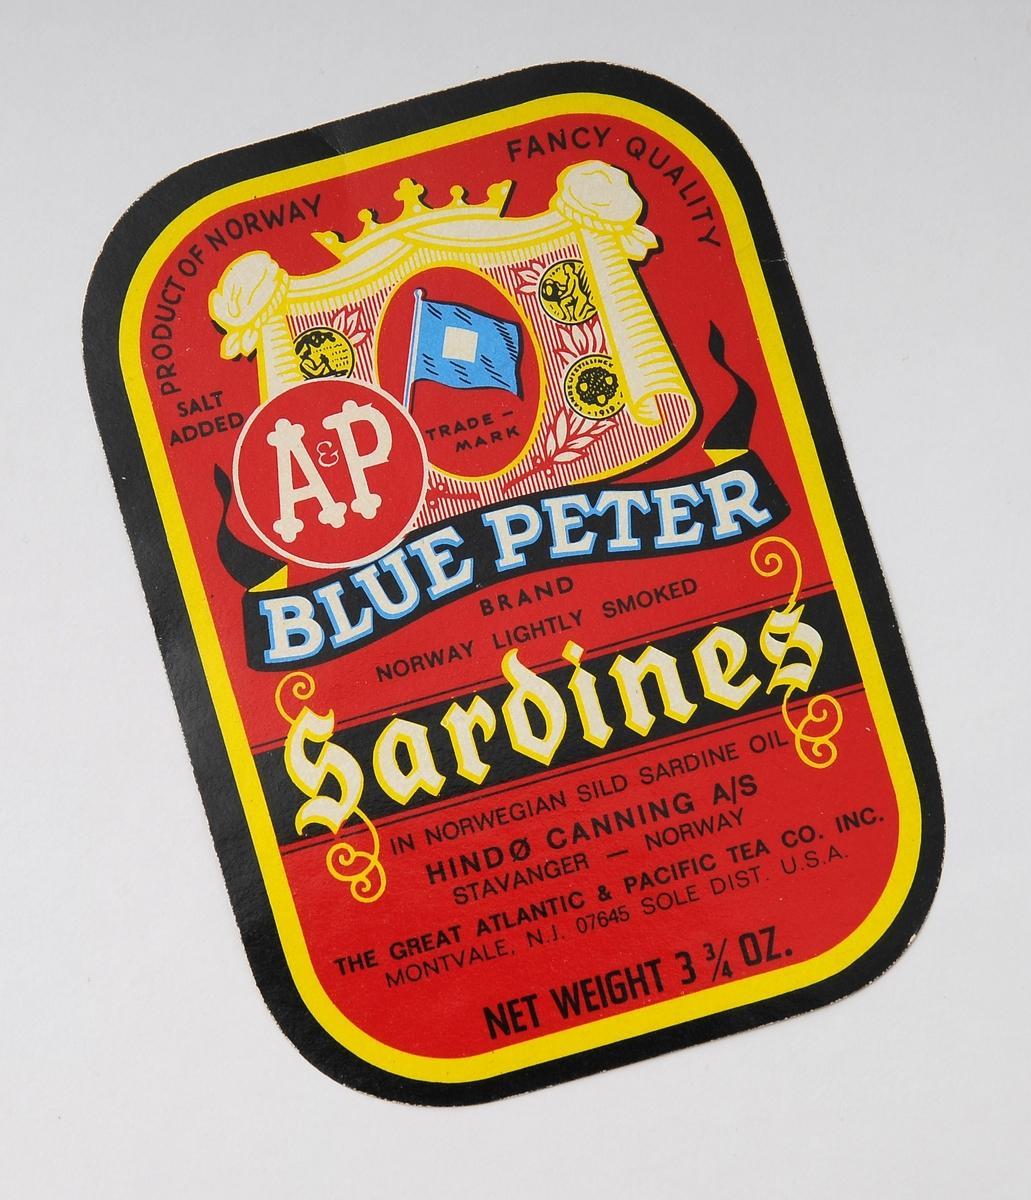 Hermetikketikett, åtte stykker etiketter eller iddiser tilknyttet hermetikkindustrien og produkter som sild, brisling og sardiner. Fire av etikettene er produsert for Eire - med merkenavn Tastea og  Lustre. Ett er laget for det amerikanske markedet - Blue Peter. Embalasjeetikettene ble brukt på ulike hermetikkproduketer og hadde et stort mangfold. Iddiser er i dag samle/bytteobjekter.